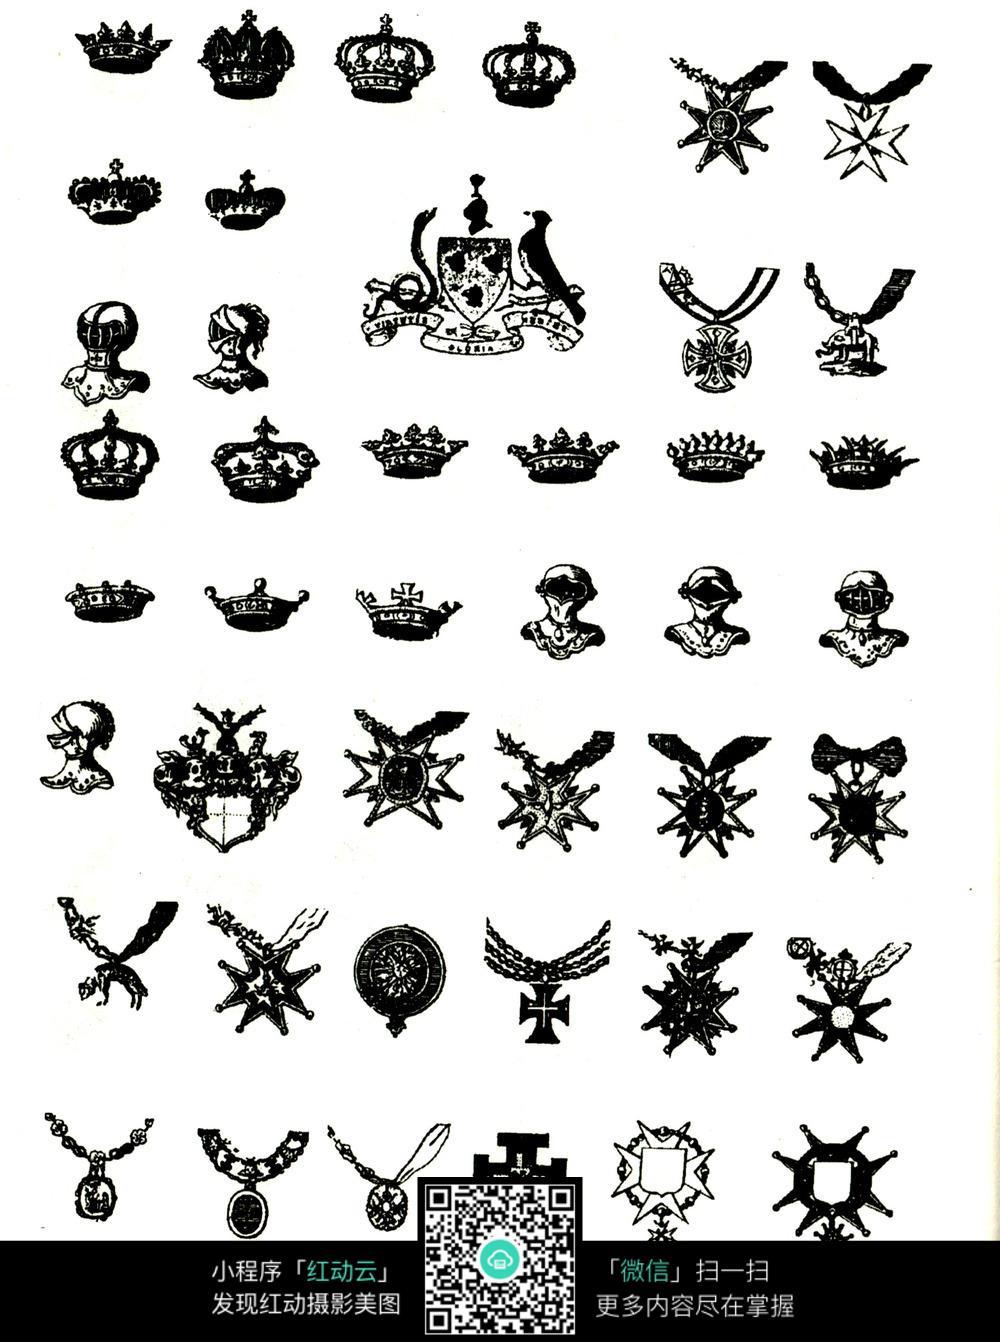 手绘皇冠奖图案图片